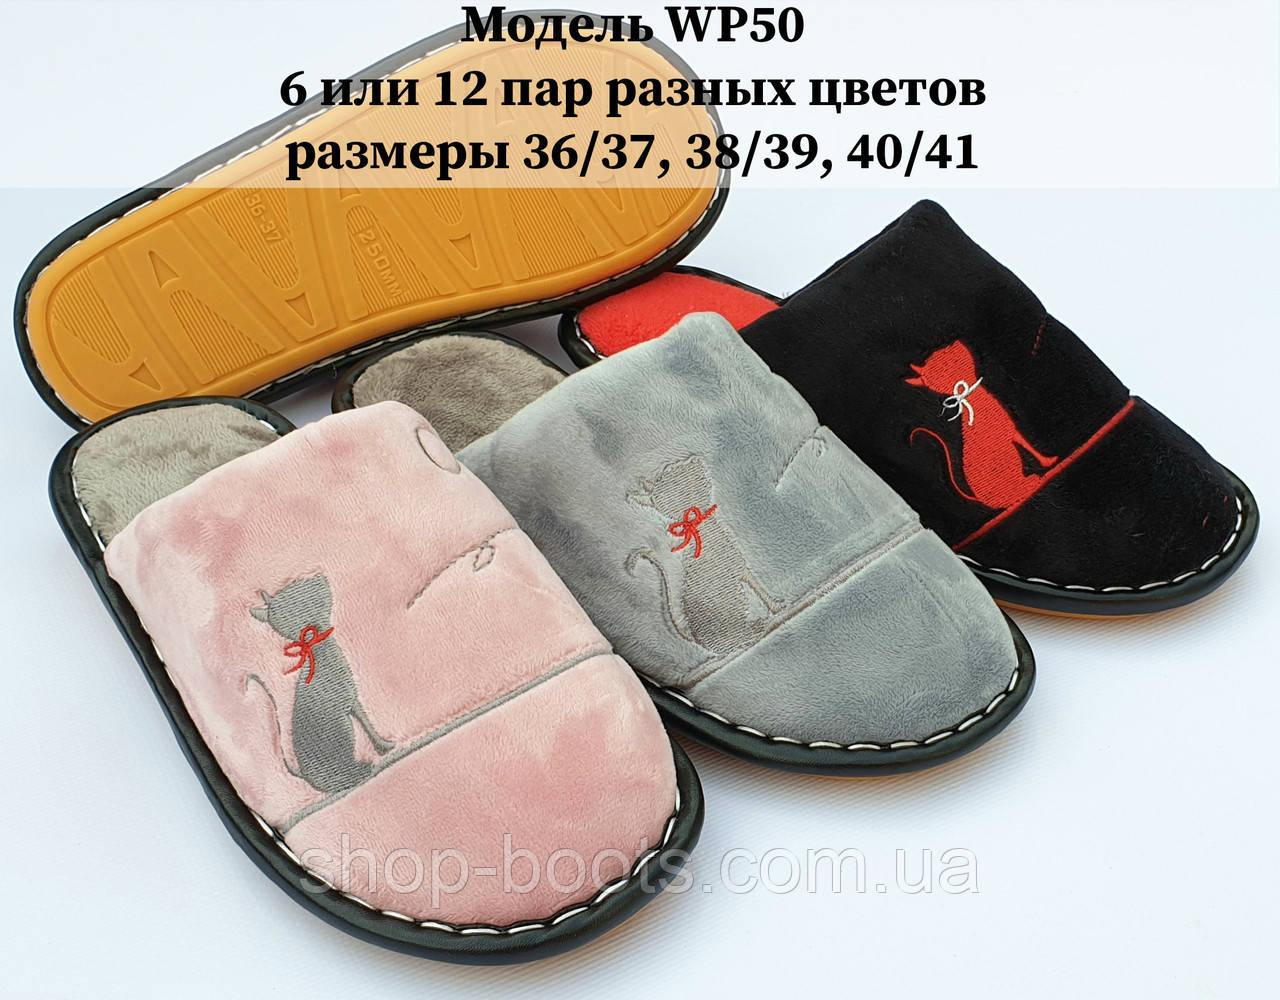 Женские тапочки оптом. 36-41рр. Модель тапочки WP50